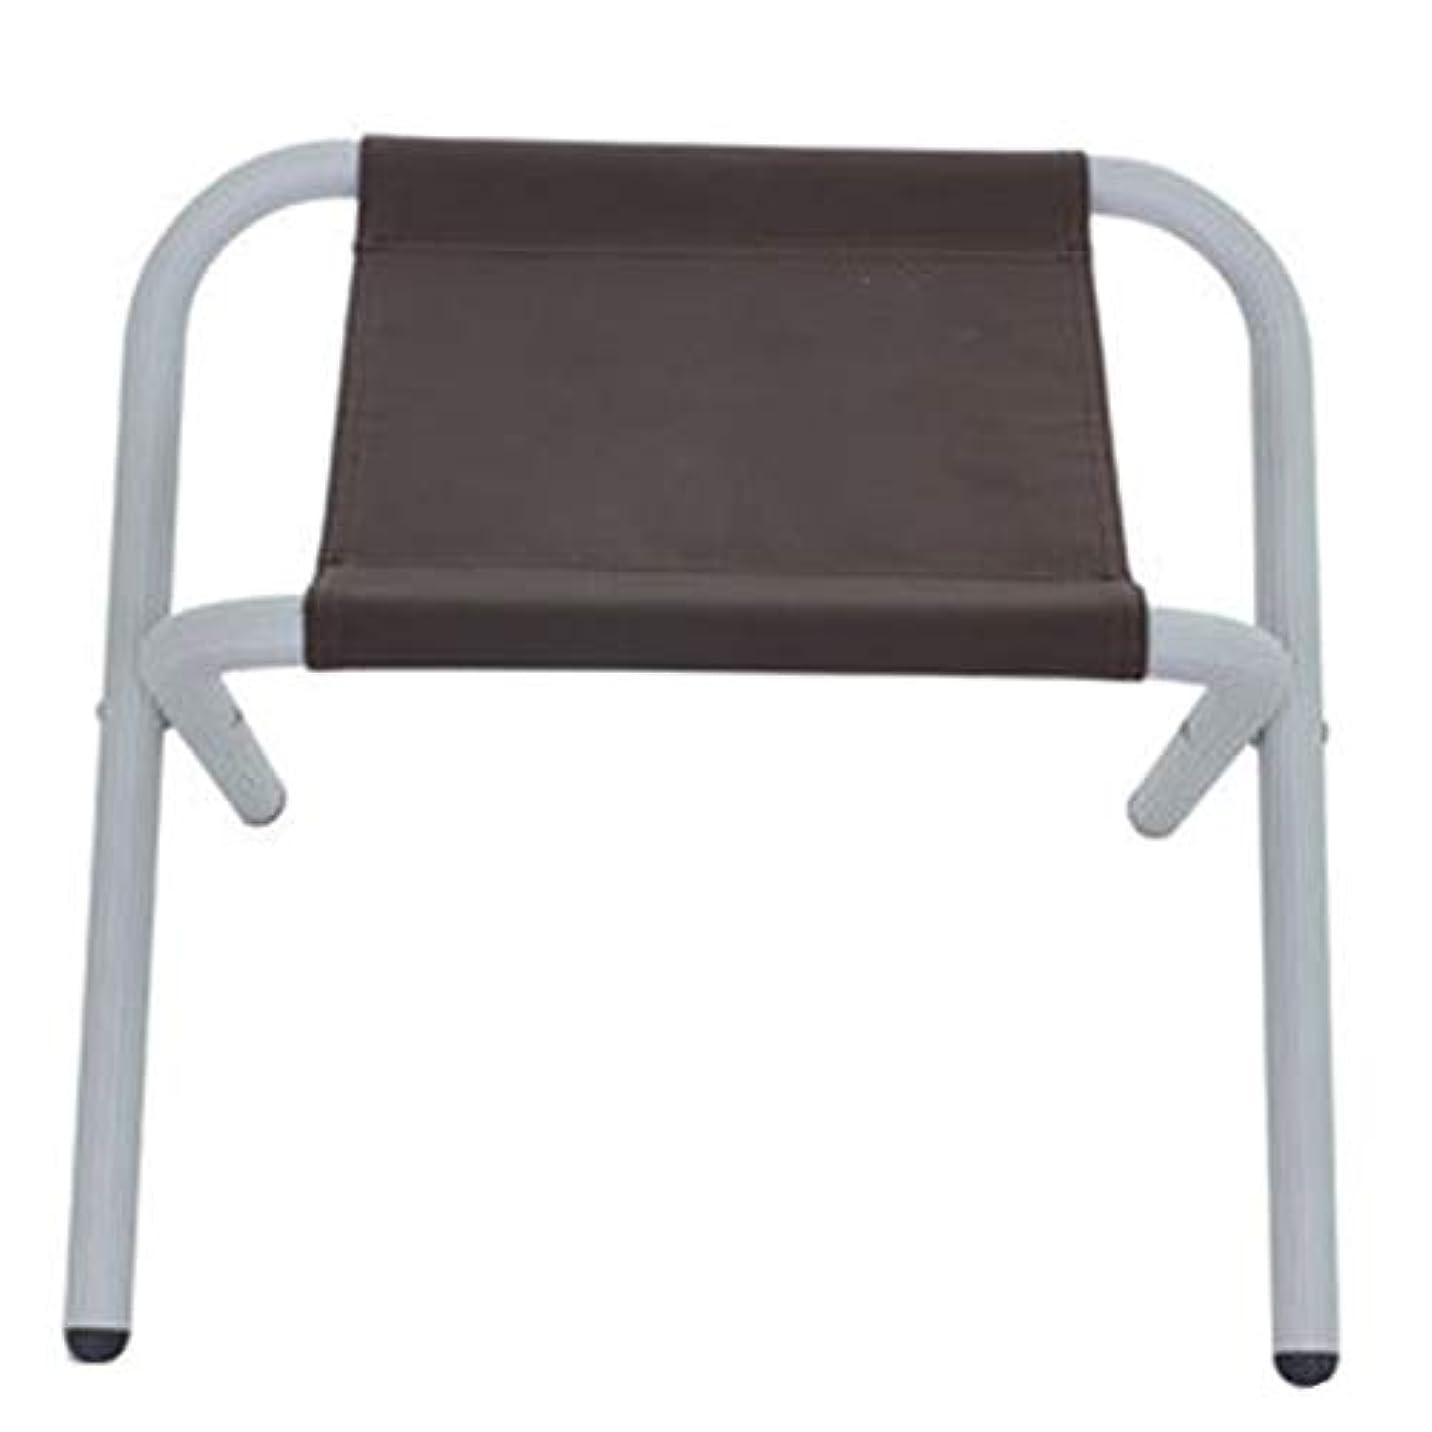 お別れ吐き出す辛なアウトドアチェア 折りたたみ コンパクト 超軽量 キャンプ椅子 イス 収納バッグ付き ハイキング お釣り 登山,耐荷重175 kg